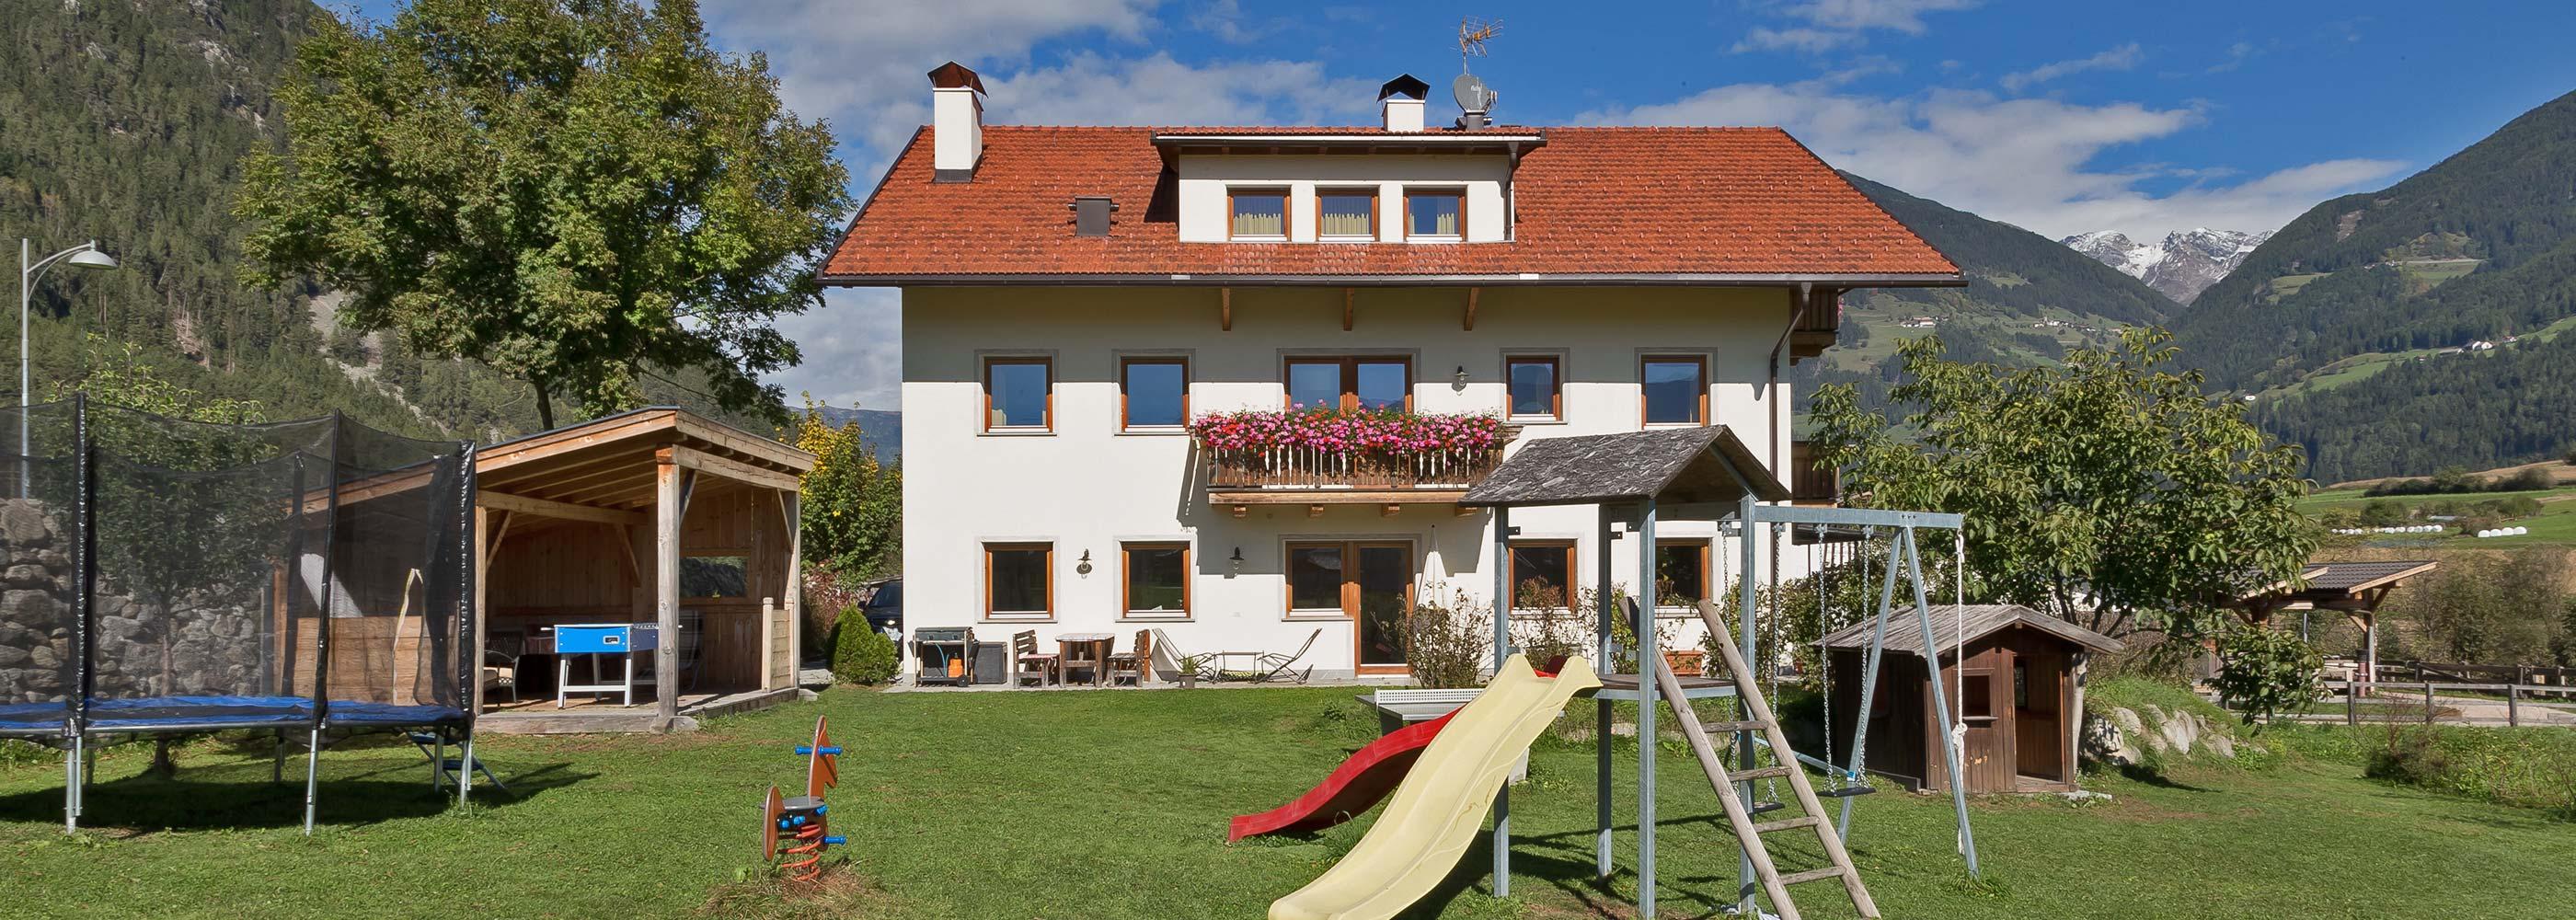 pano-ferienwohnung-trudi-bauernhof-kronplatz